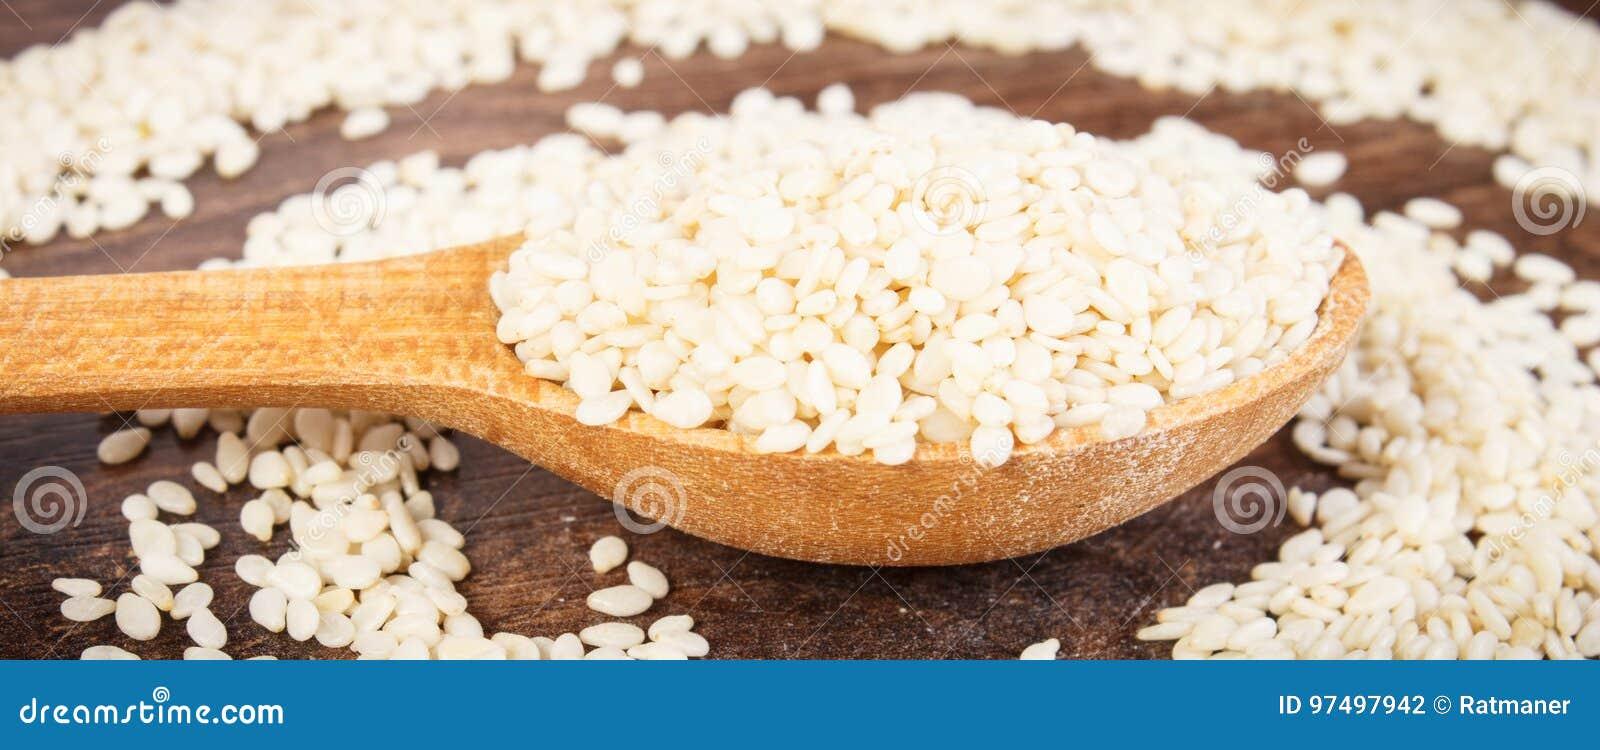 Semi di sesamo con il cucchiaio sul bordo rustico, concetto sano di nutrizione